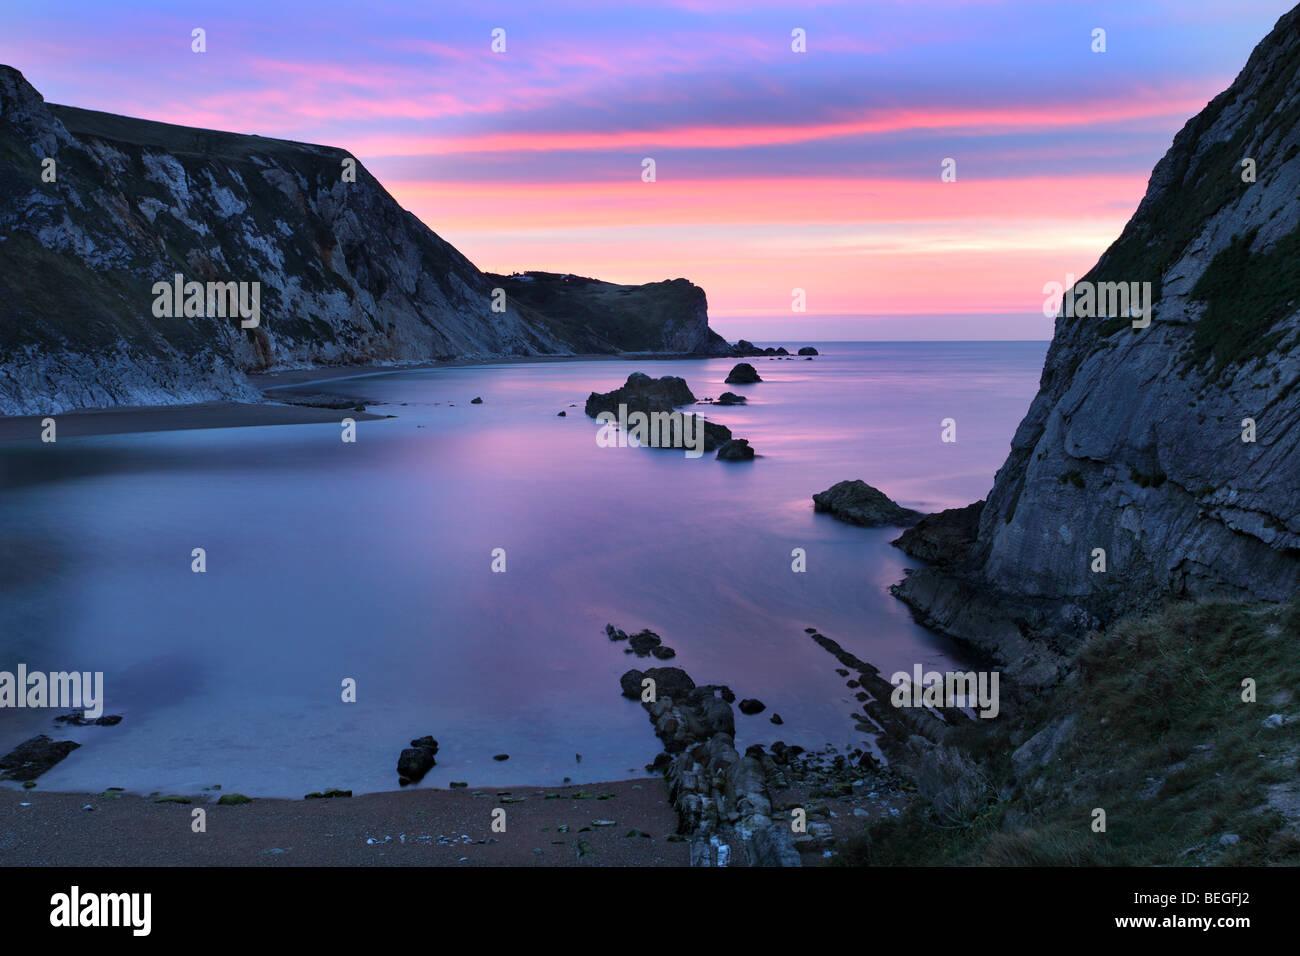 Man O' War, Küste von Dorset. Stockbild